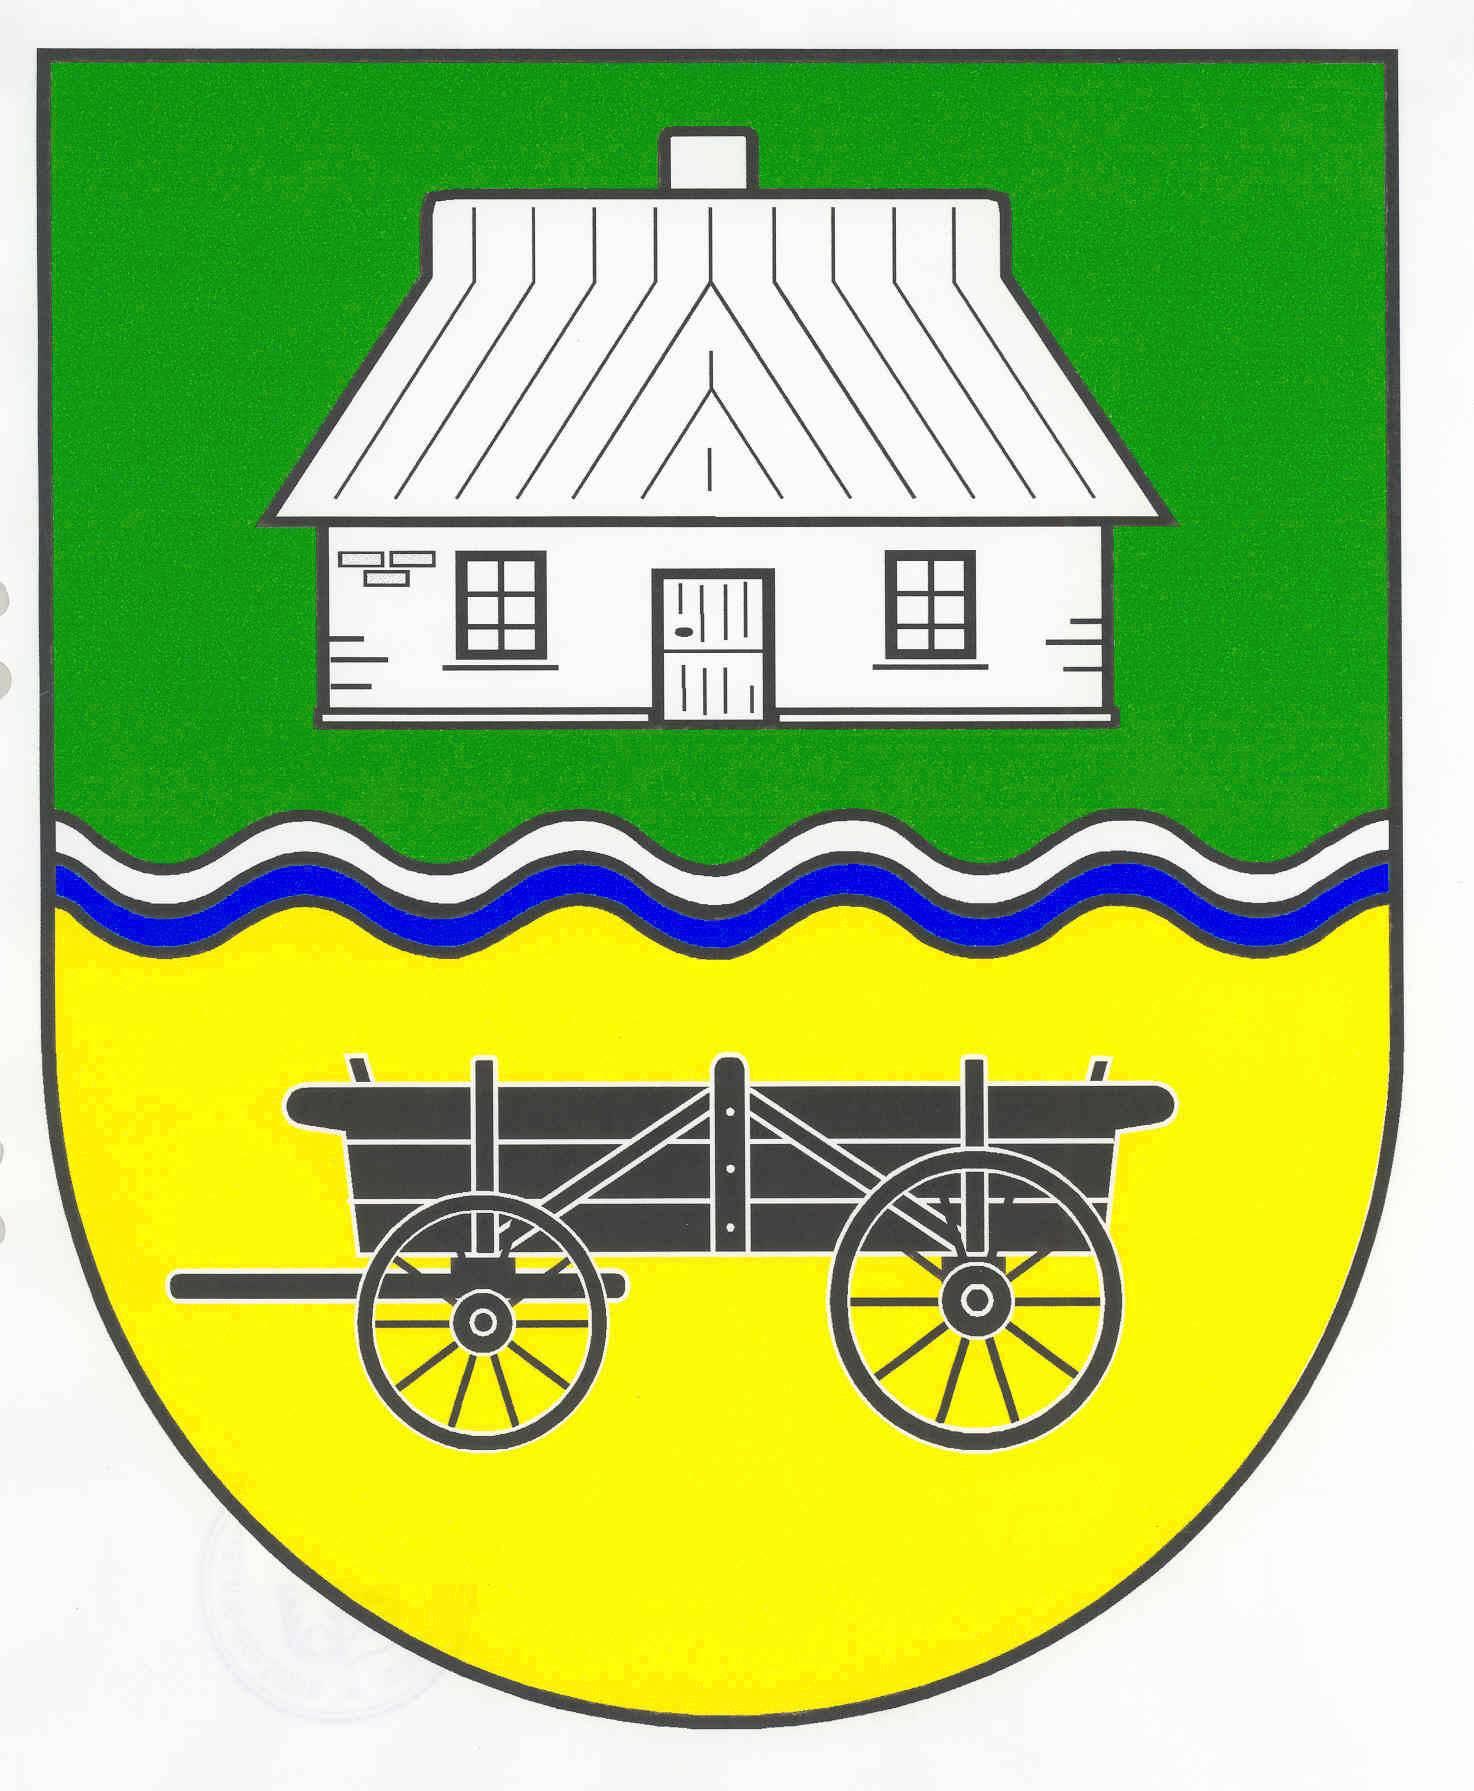 Wappen GemeindeReinsbüttel, Kreis Dithmarschen